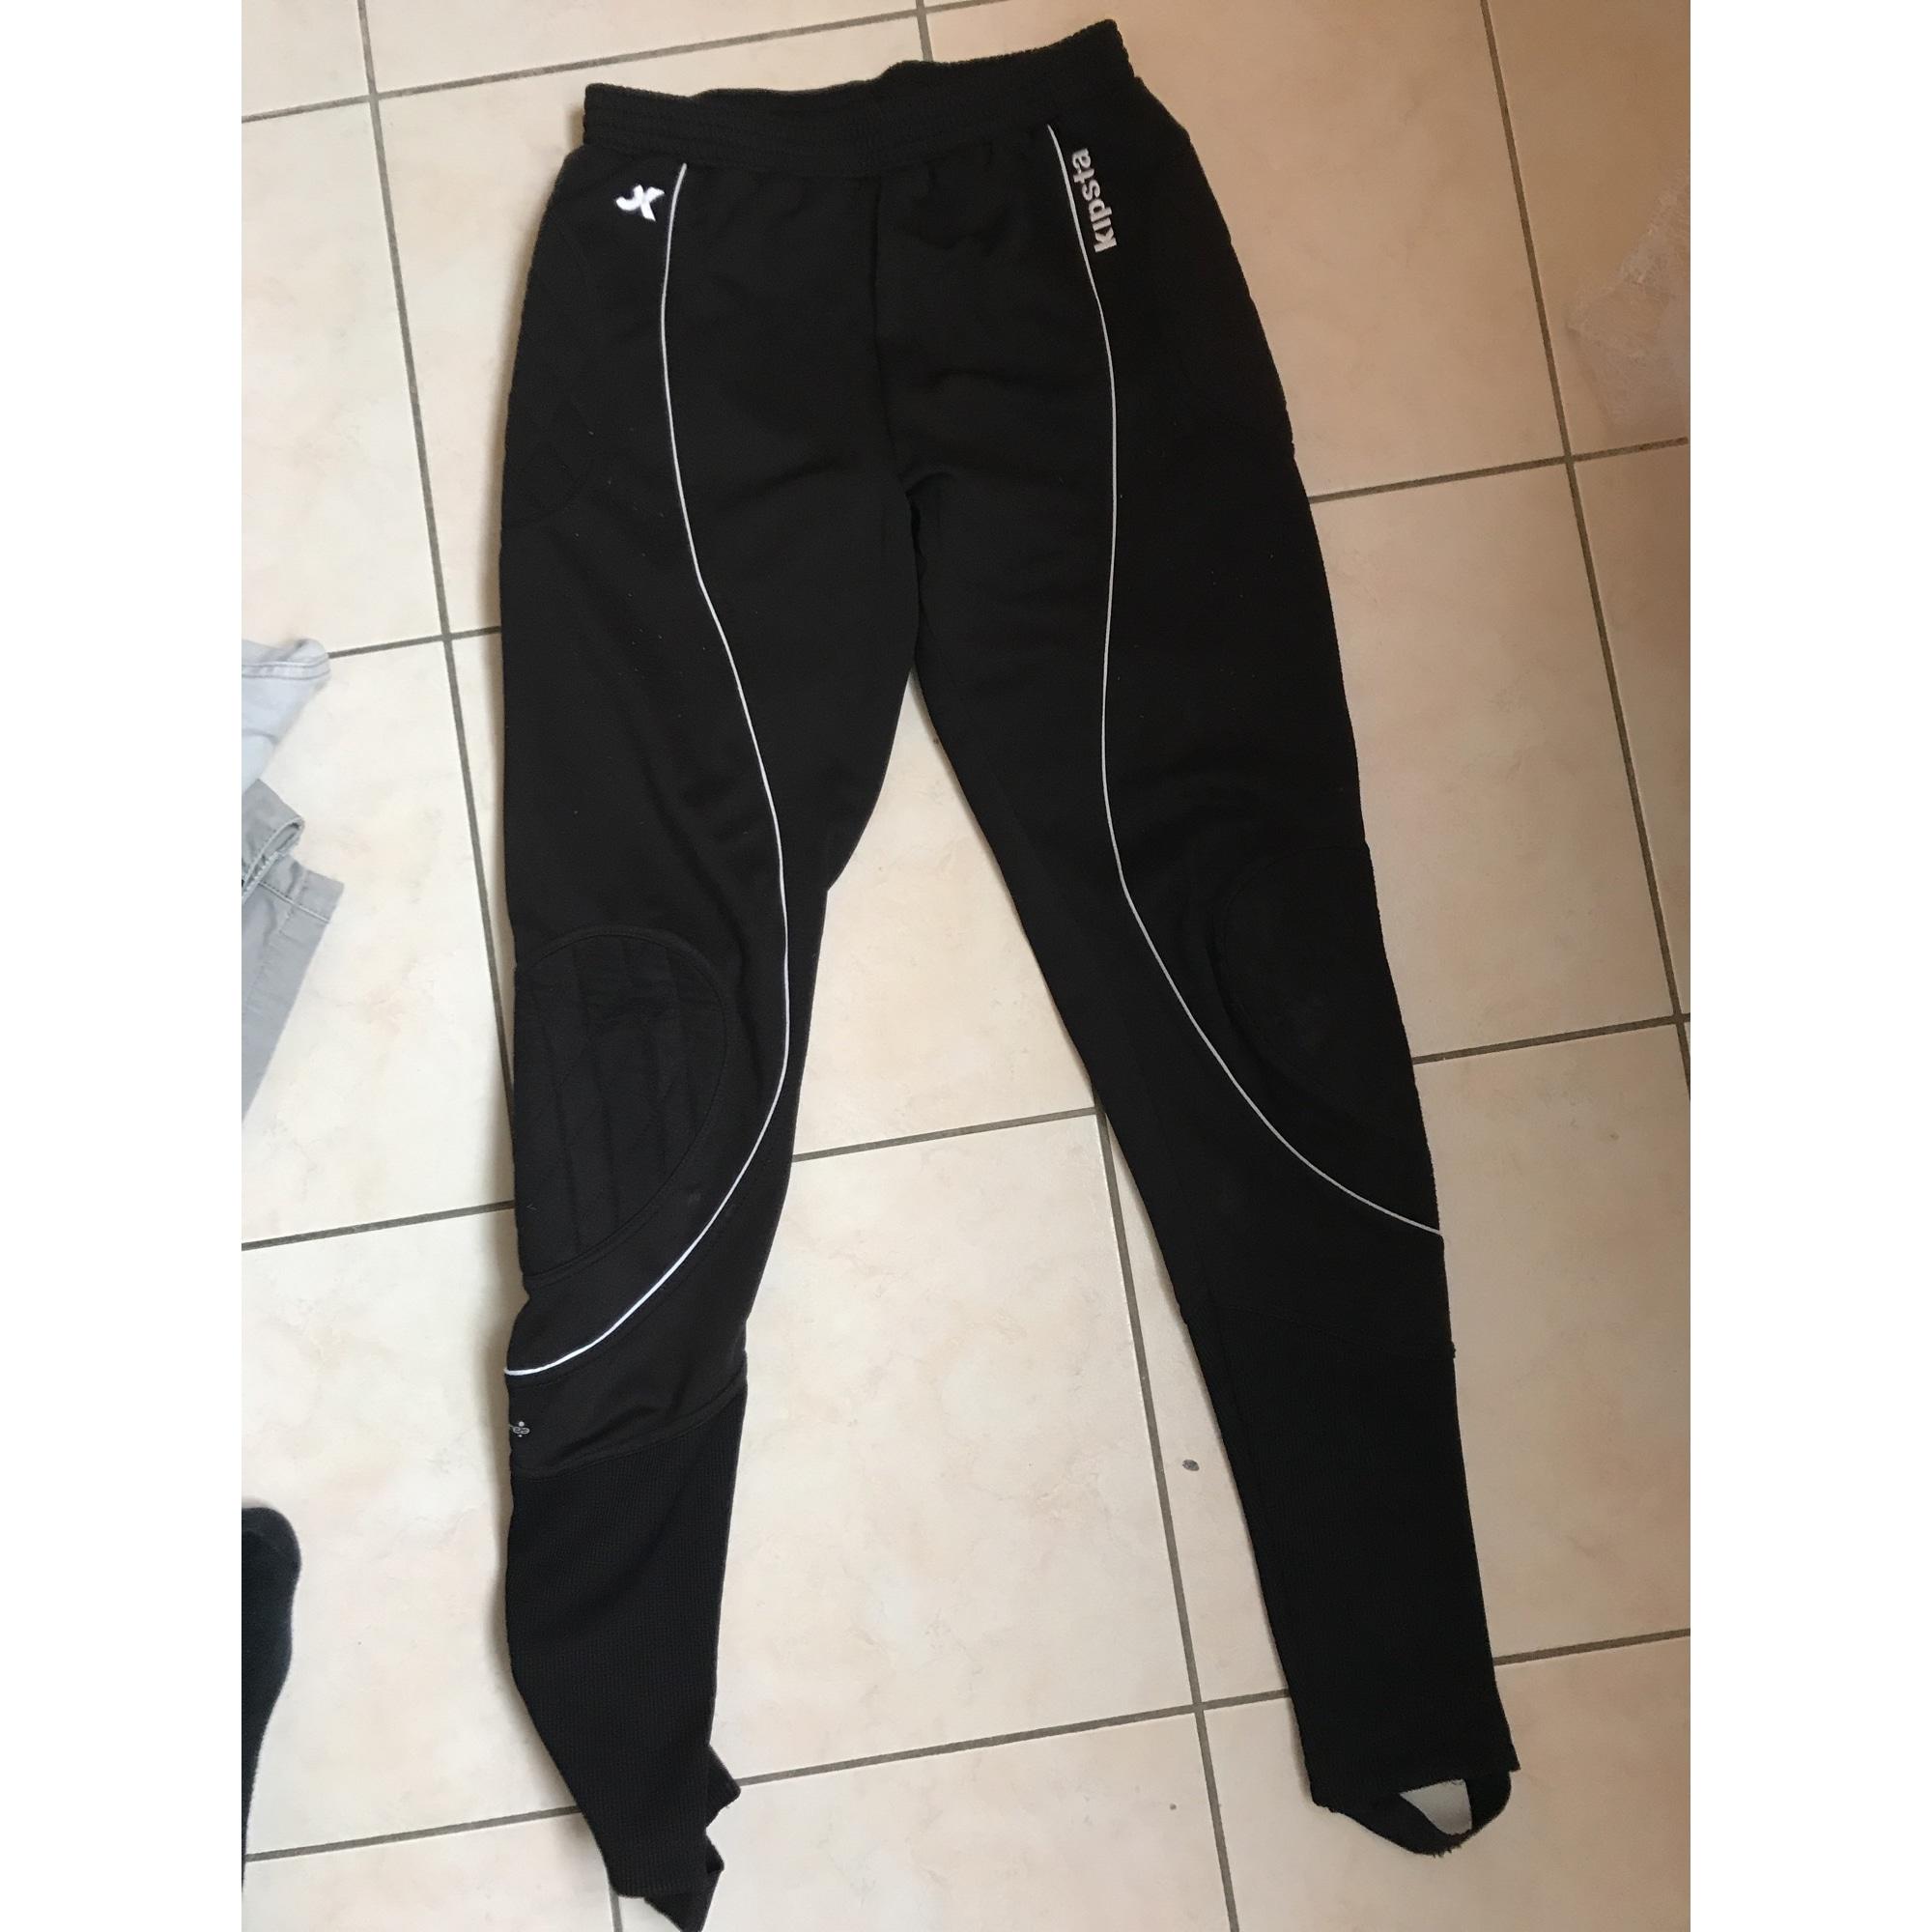 92d22f25181e4 Pantalon de survêtement KIPSTA Autre noir - 6512521